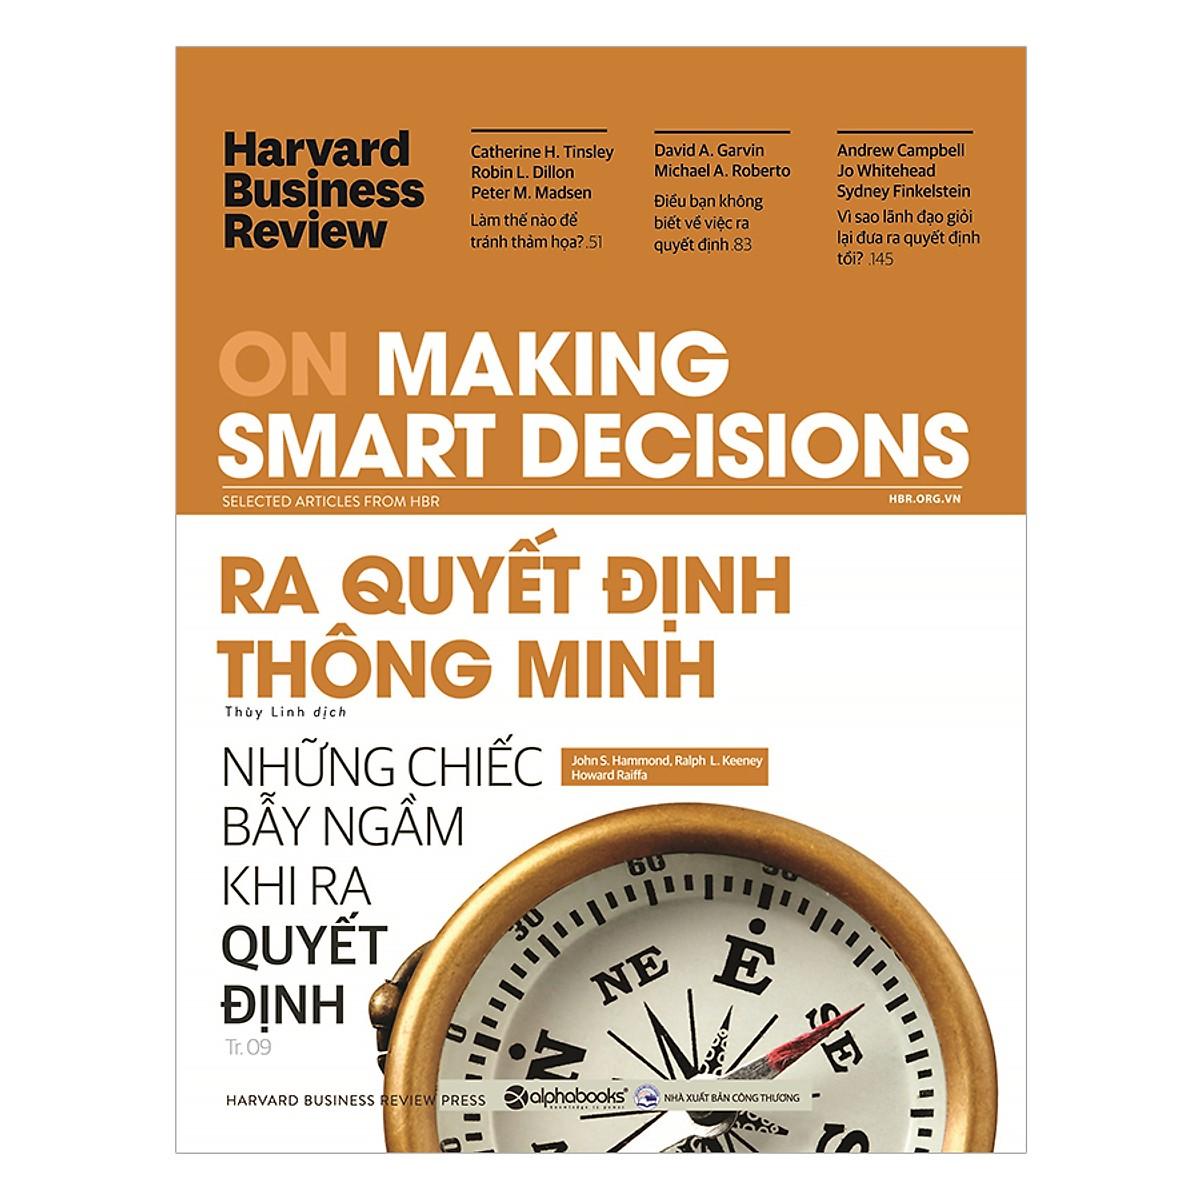 HBR On Making Smart Decisions - Ra Quyết Định Thông Minh Tặng BookMark Romantic